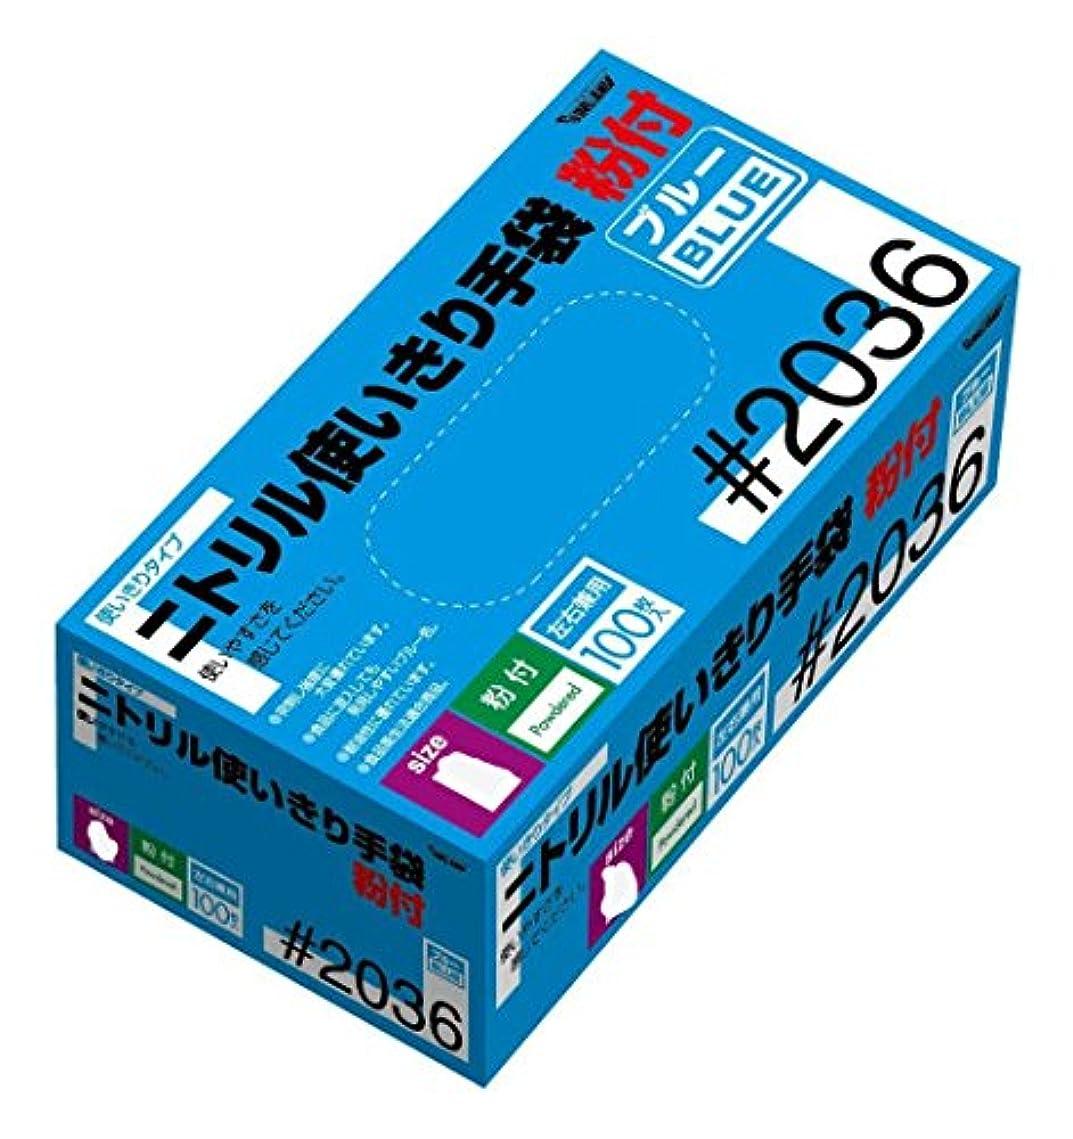 冷蔵庫カリング仮称川西工業 ニトリル使い切り手袋 粉付 100枚入 #2036 ブルー SS